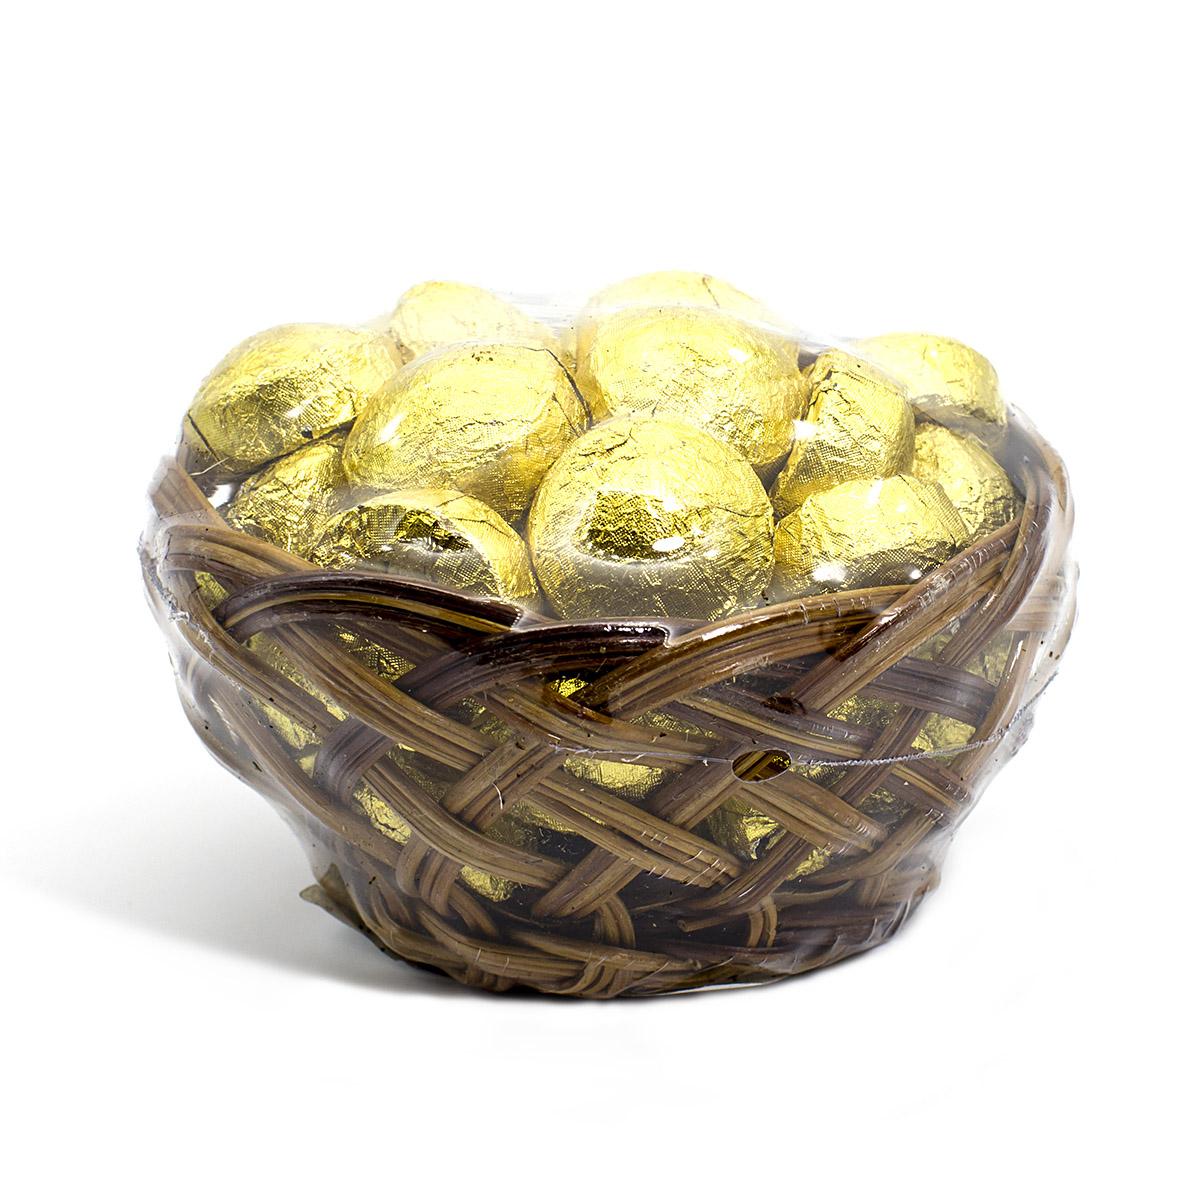 Чай листовой Пуэр Золотая То Ча в корзине 200 г пуэр то ча со сладкой гречихой в корзине 200 г